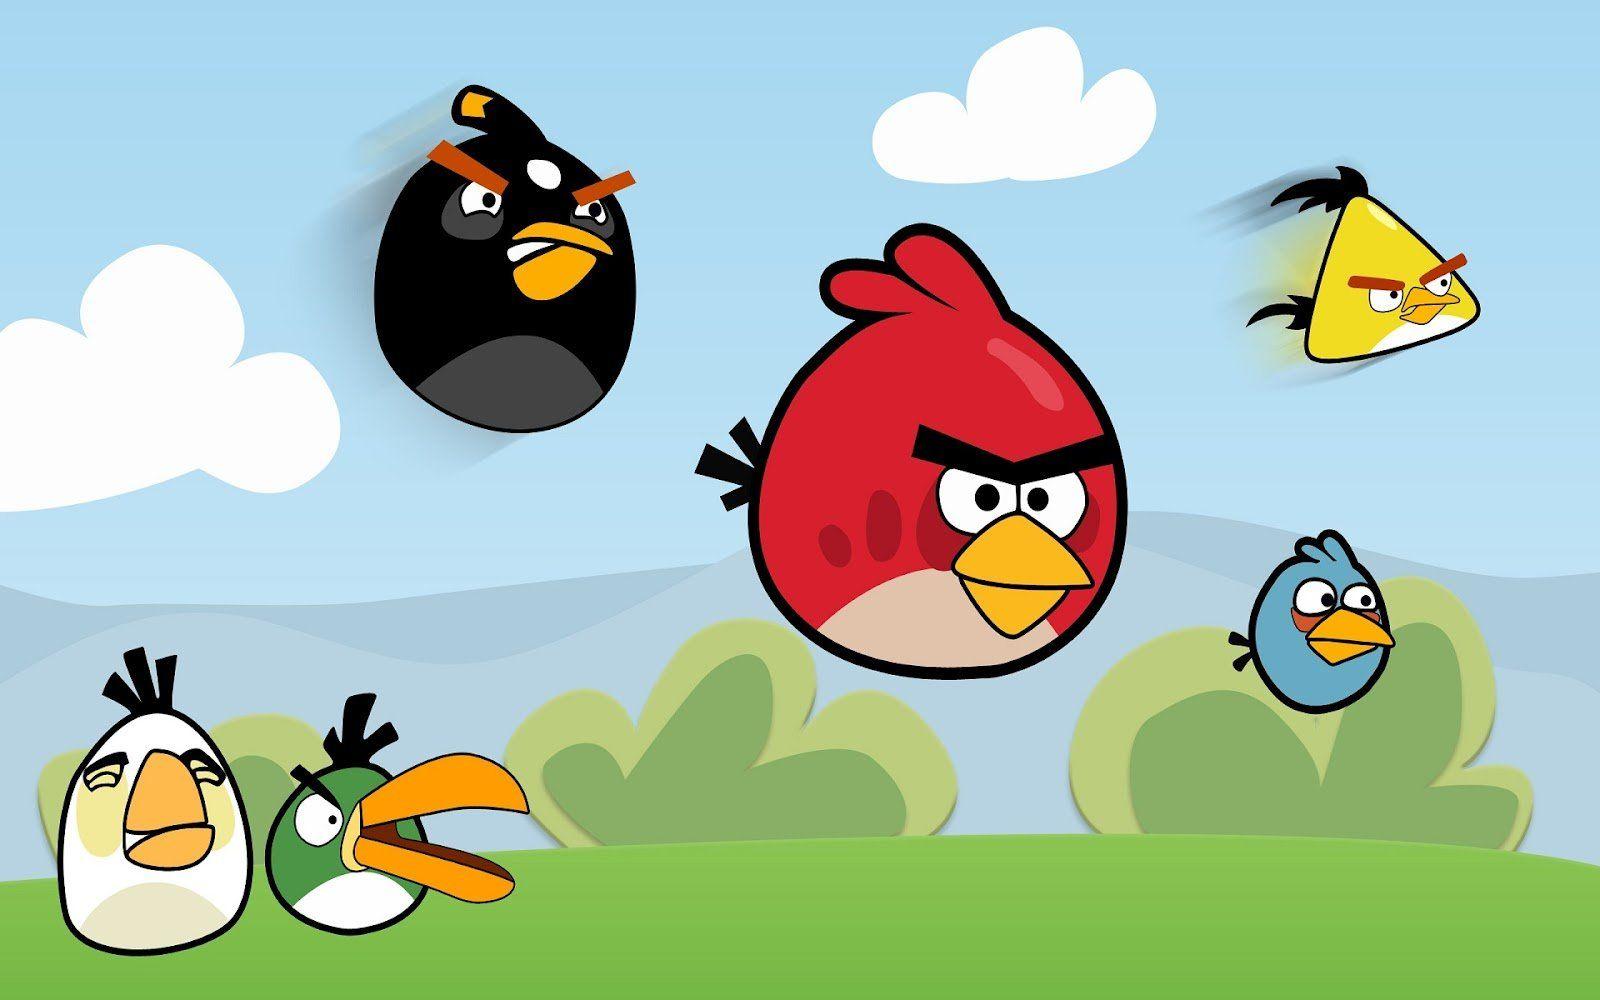 Los dibujos animados de Angry Birds llegarán el 17 de marzo | baby ...